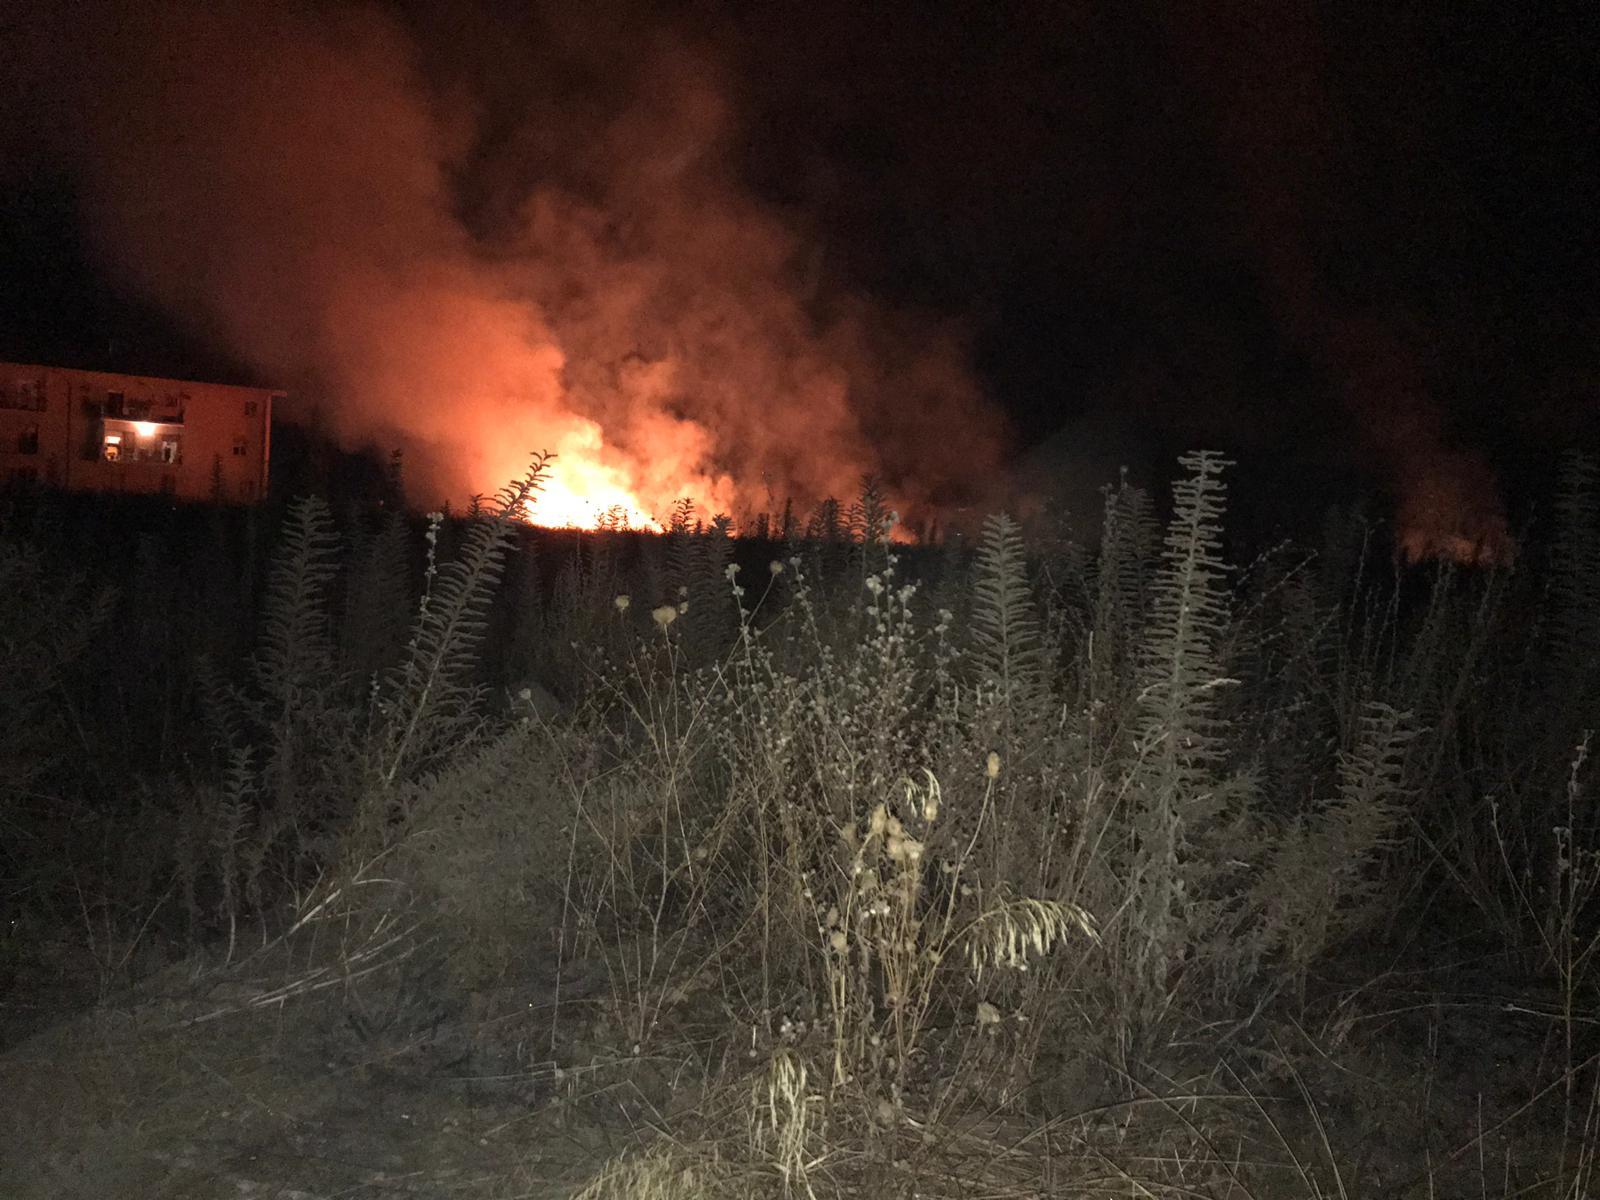 Incendio nell'area archeologica di Vibo ValentiaRovine a rischio, mancano interventi di bonifica